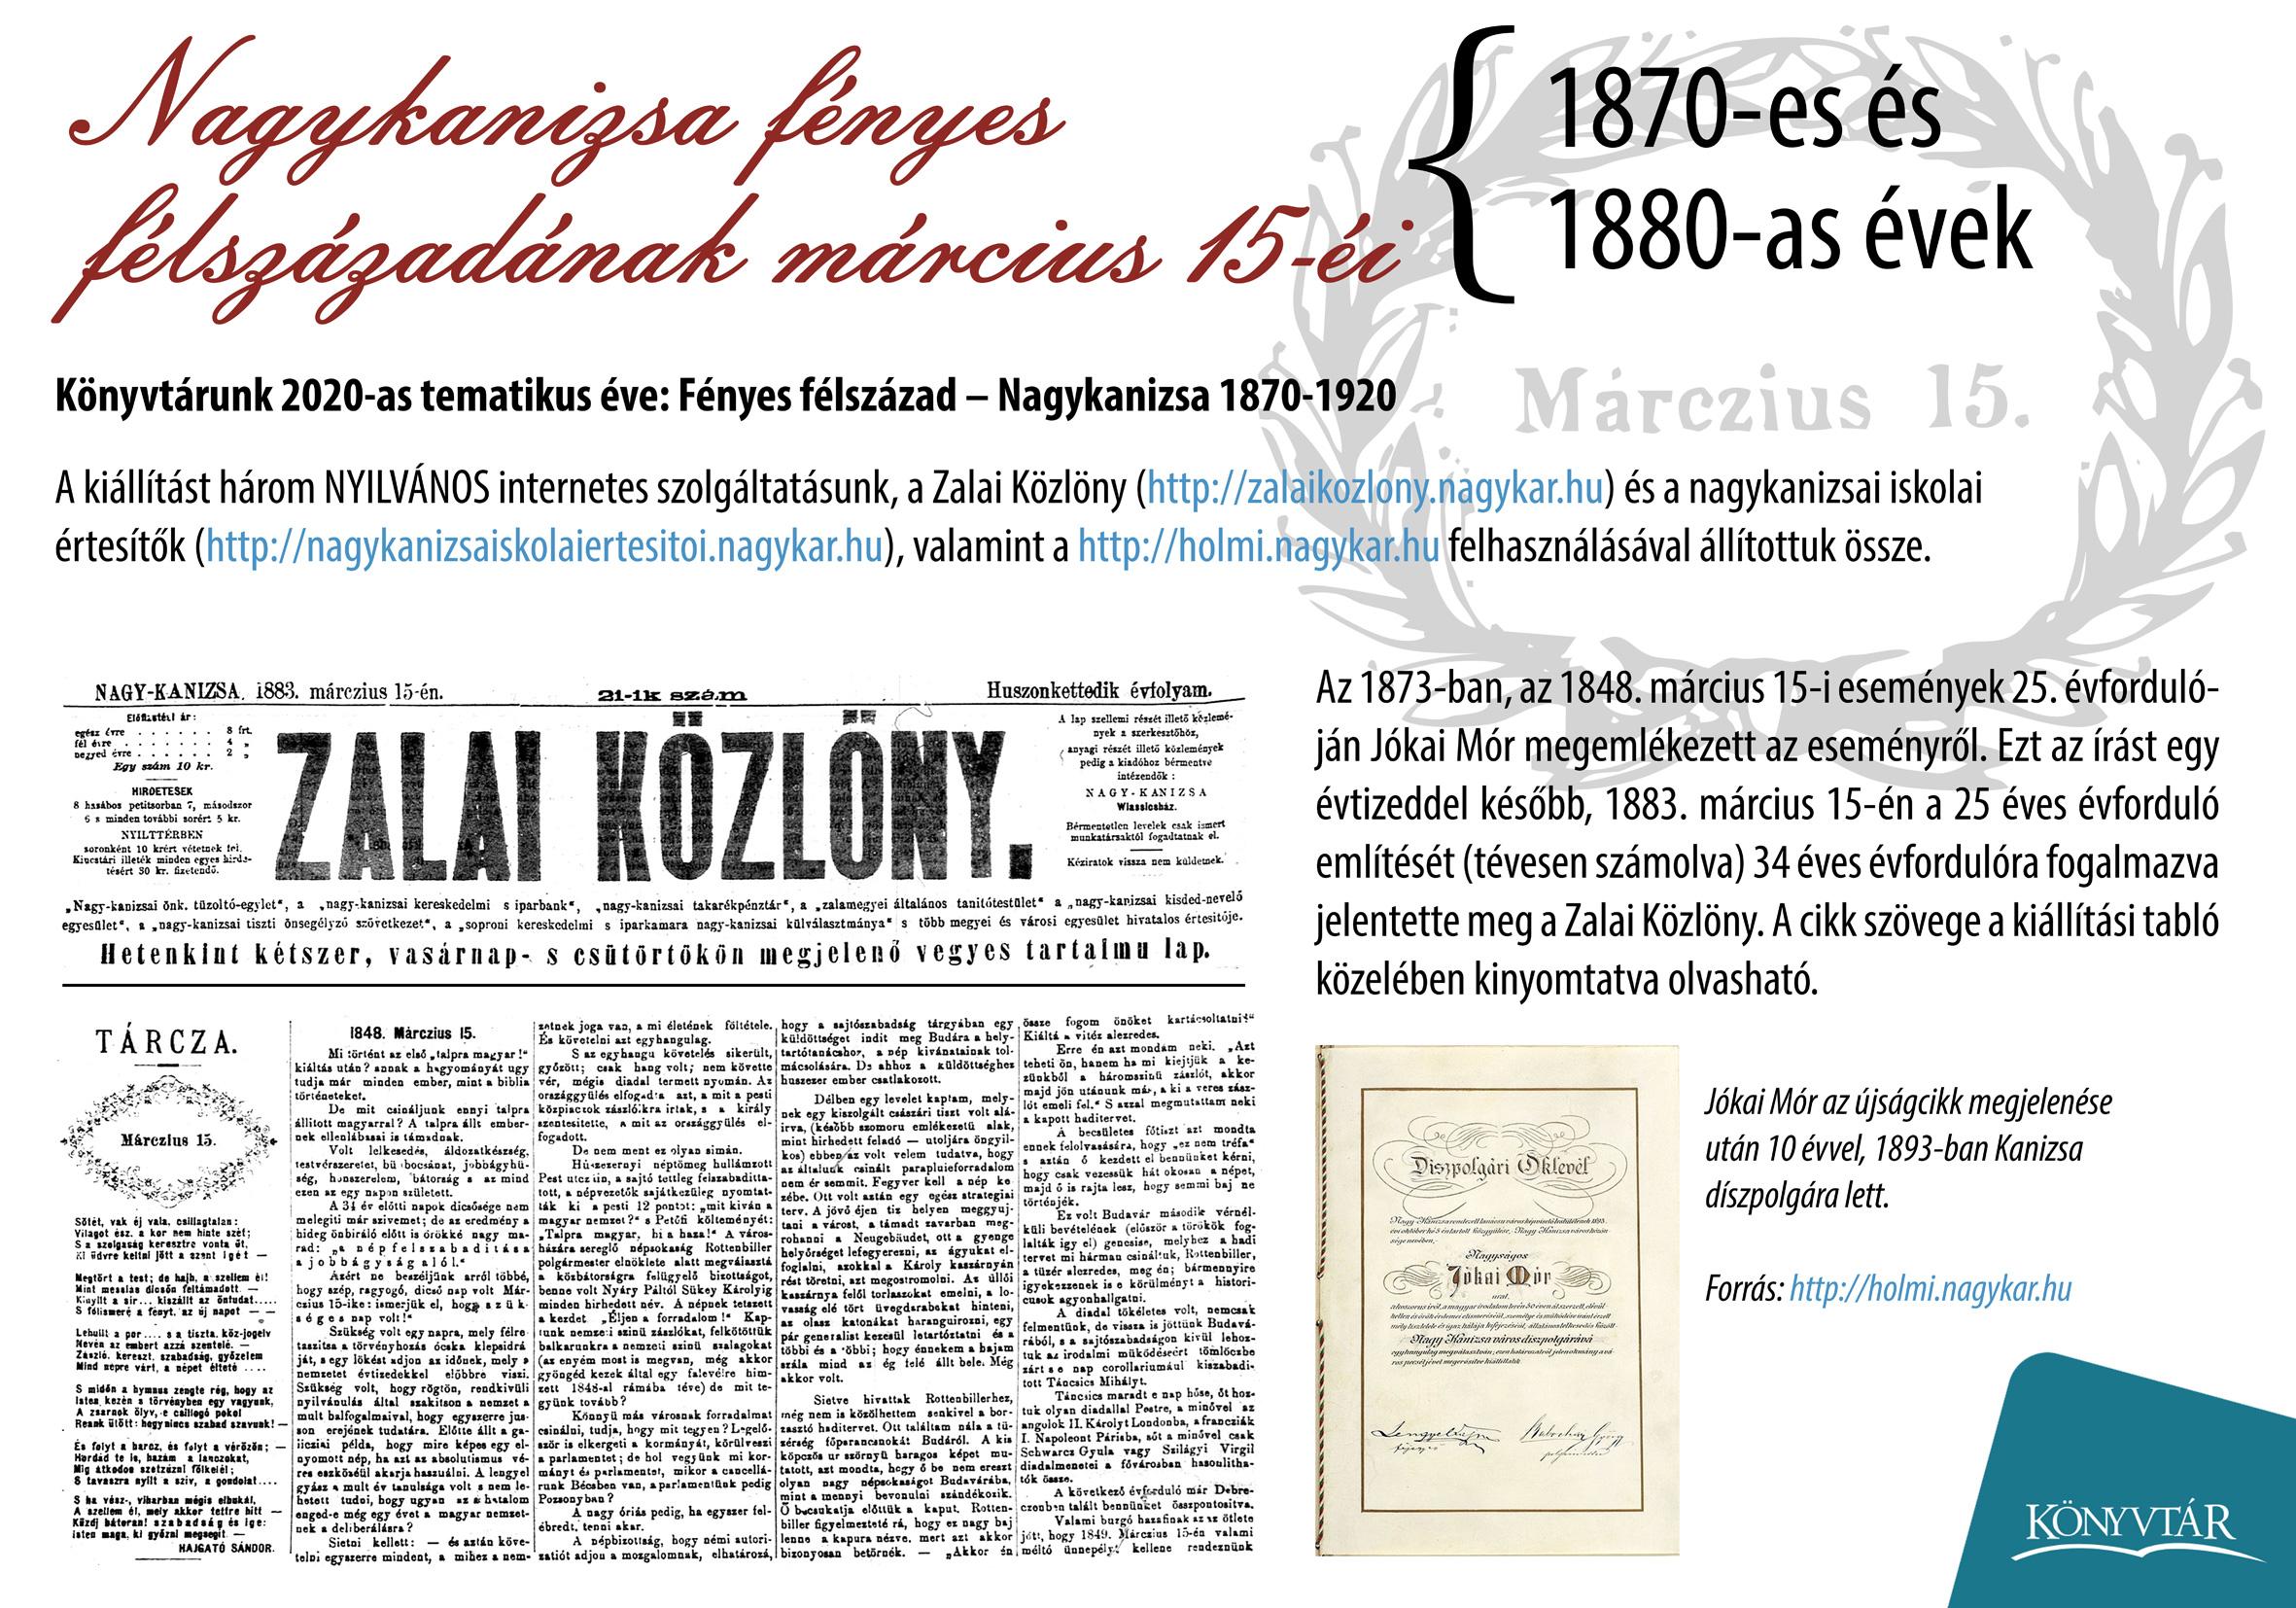 http://www.nagykar.hu/images/hirlevel/539/marc15-1-webre.JPG